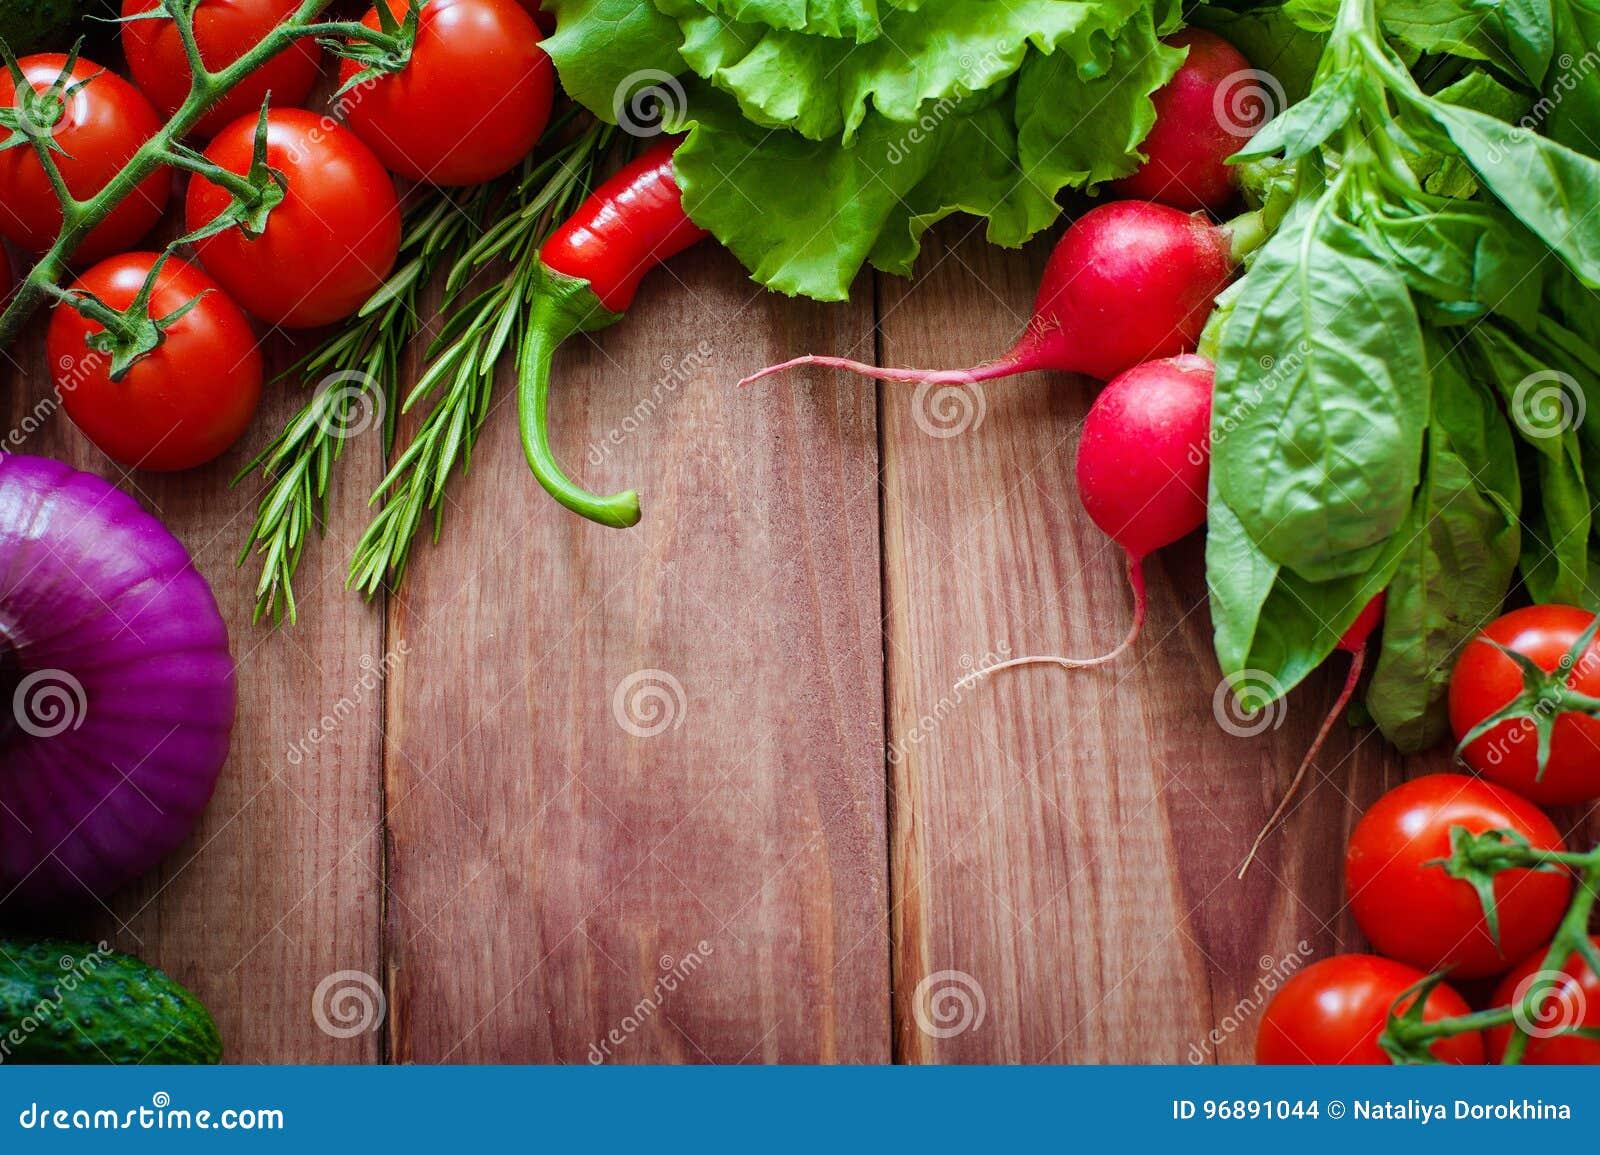 Nya ingredienser för att laga mat i lantlig inställning: Sallad rädisa, lök, havre, tomater, vitlök, morötter, gurka, peppar